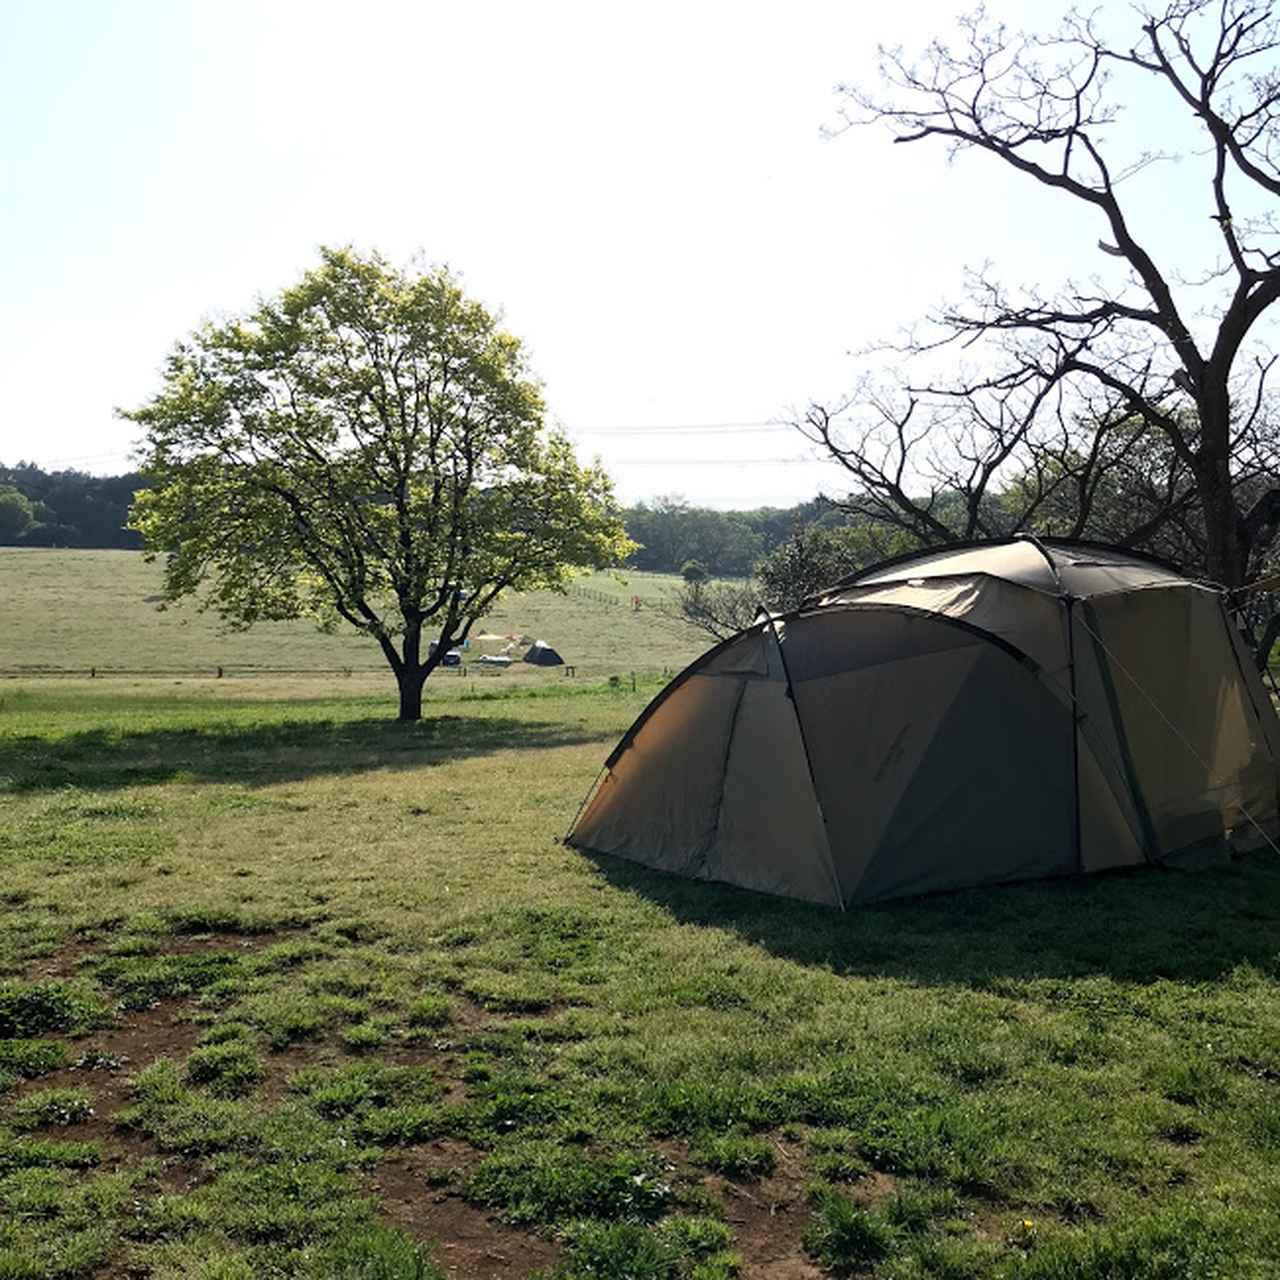 画像: ママキャンプブロガー サリーのキャンプスタイル